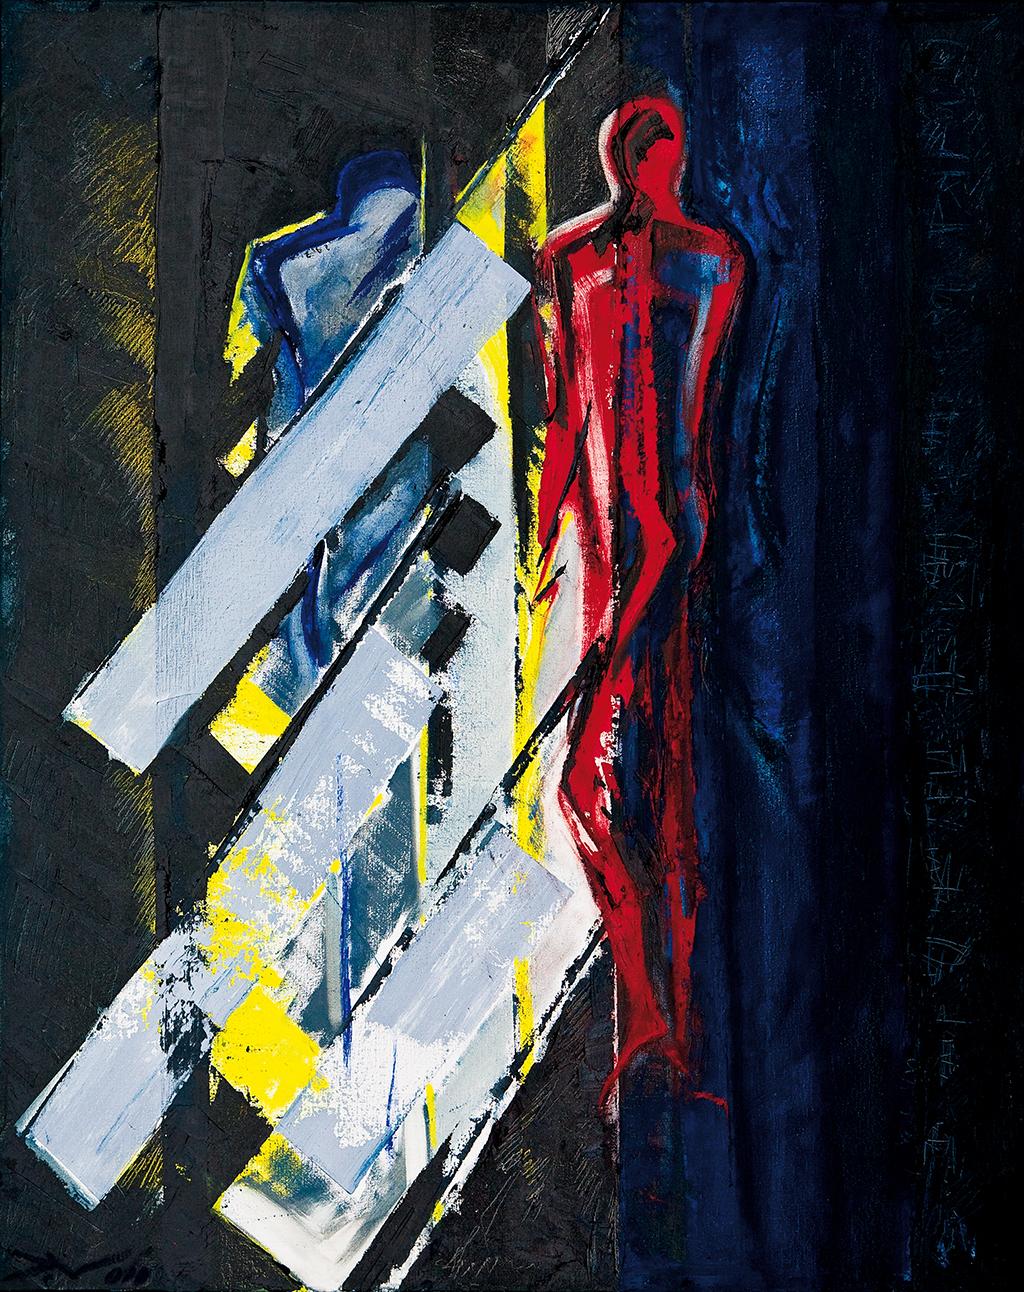 Kreutzer sonate (2010)